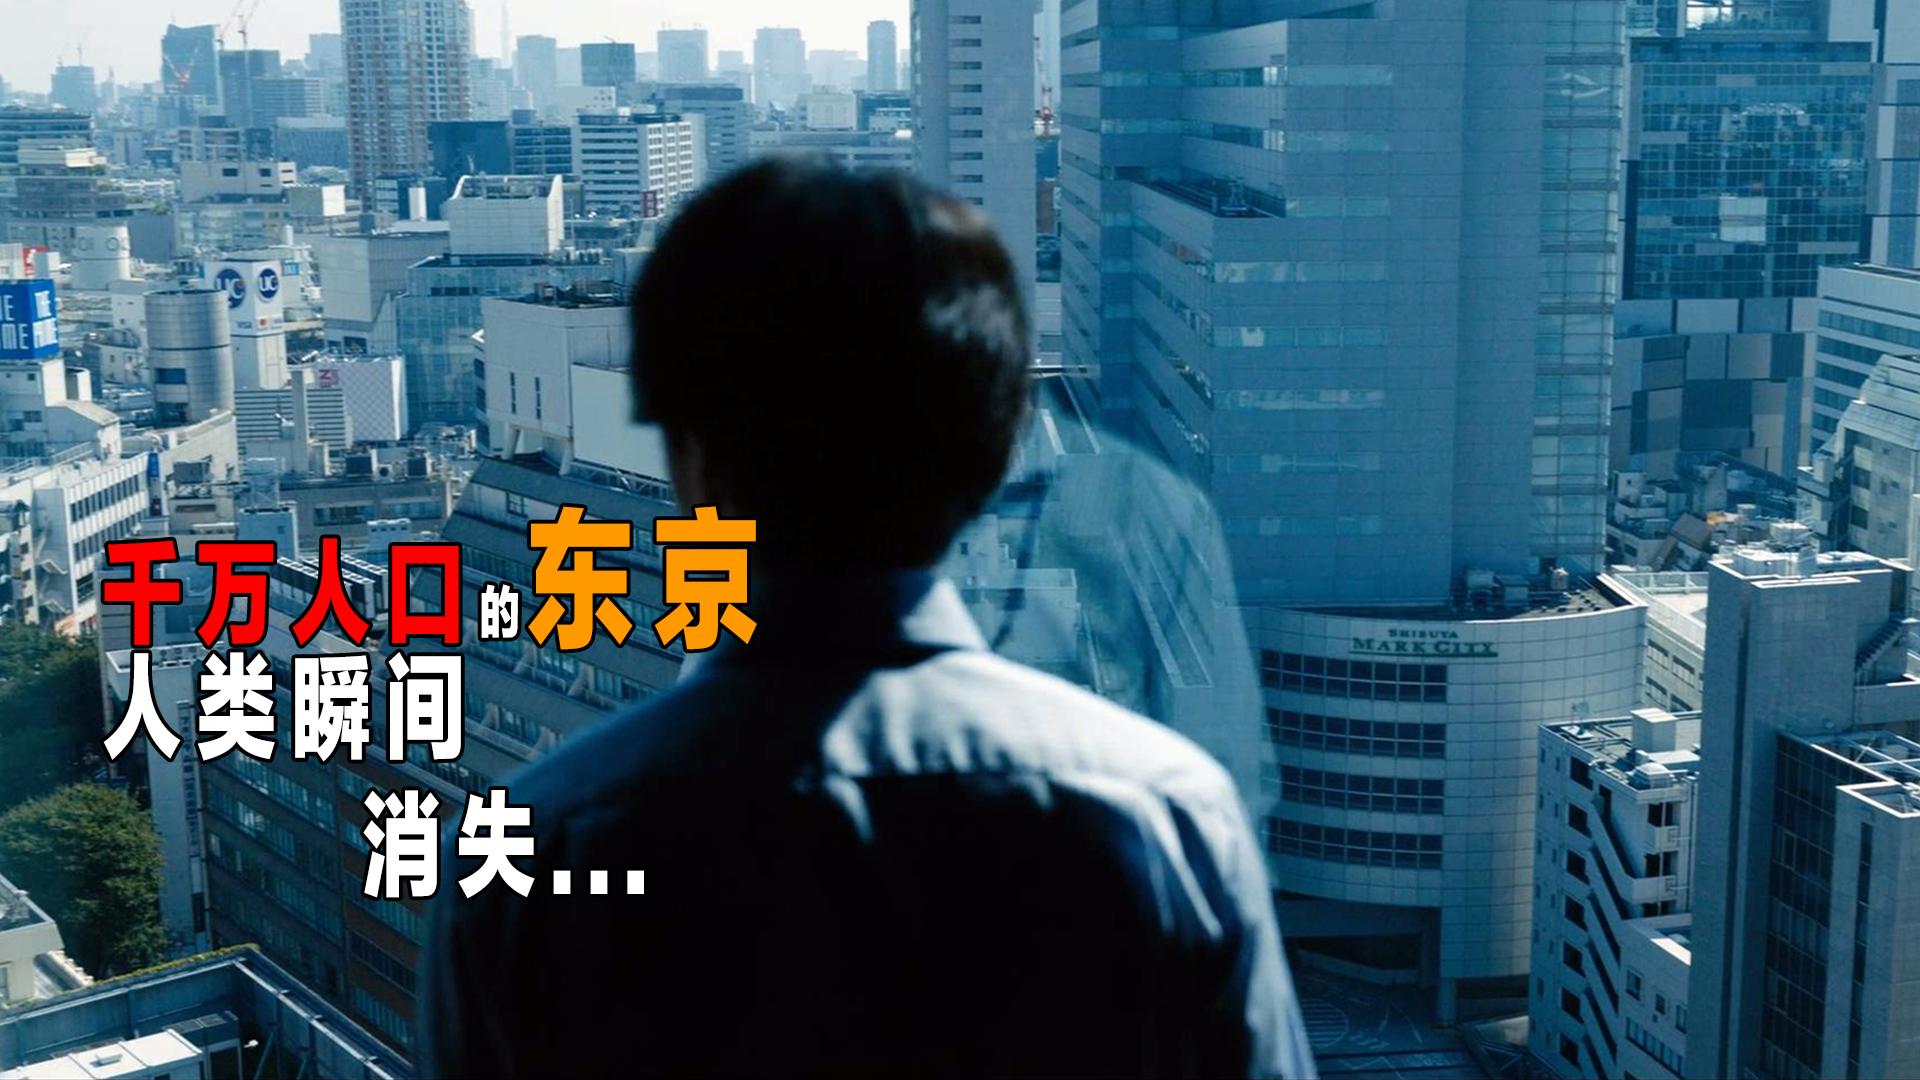 网飞出手鬼才剧本,这才叫细思极恐,繁华的东京人类瞬间消失